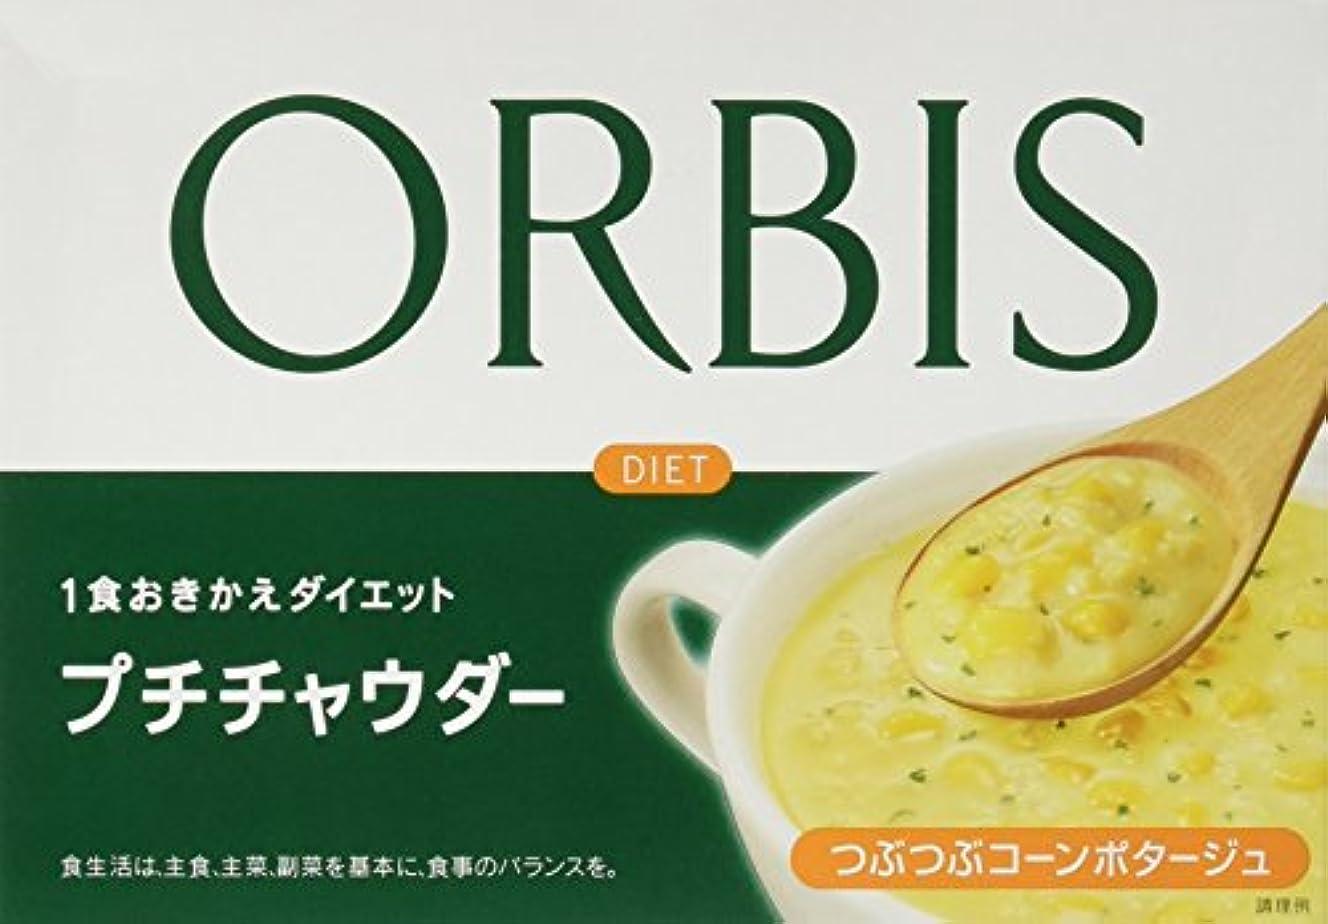 ハーフムス赤面オルビス(ORBIS) プチチャウダー つぶつぶコーンポタージュ 34.0g×7食分 ◎ダイエットスープ◎ 1食分123kcal